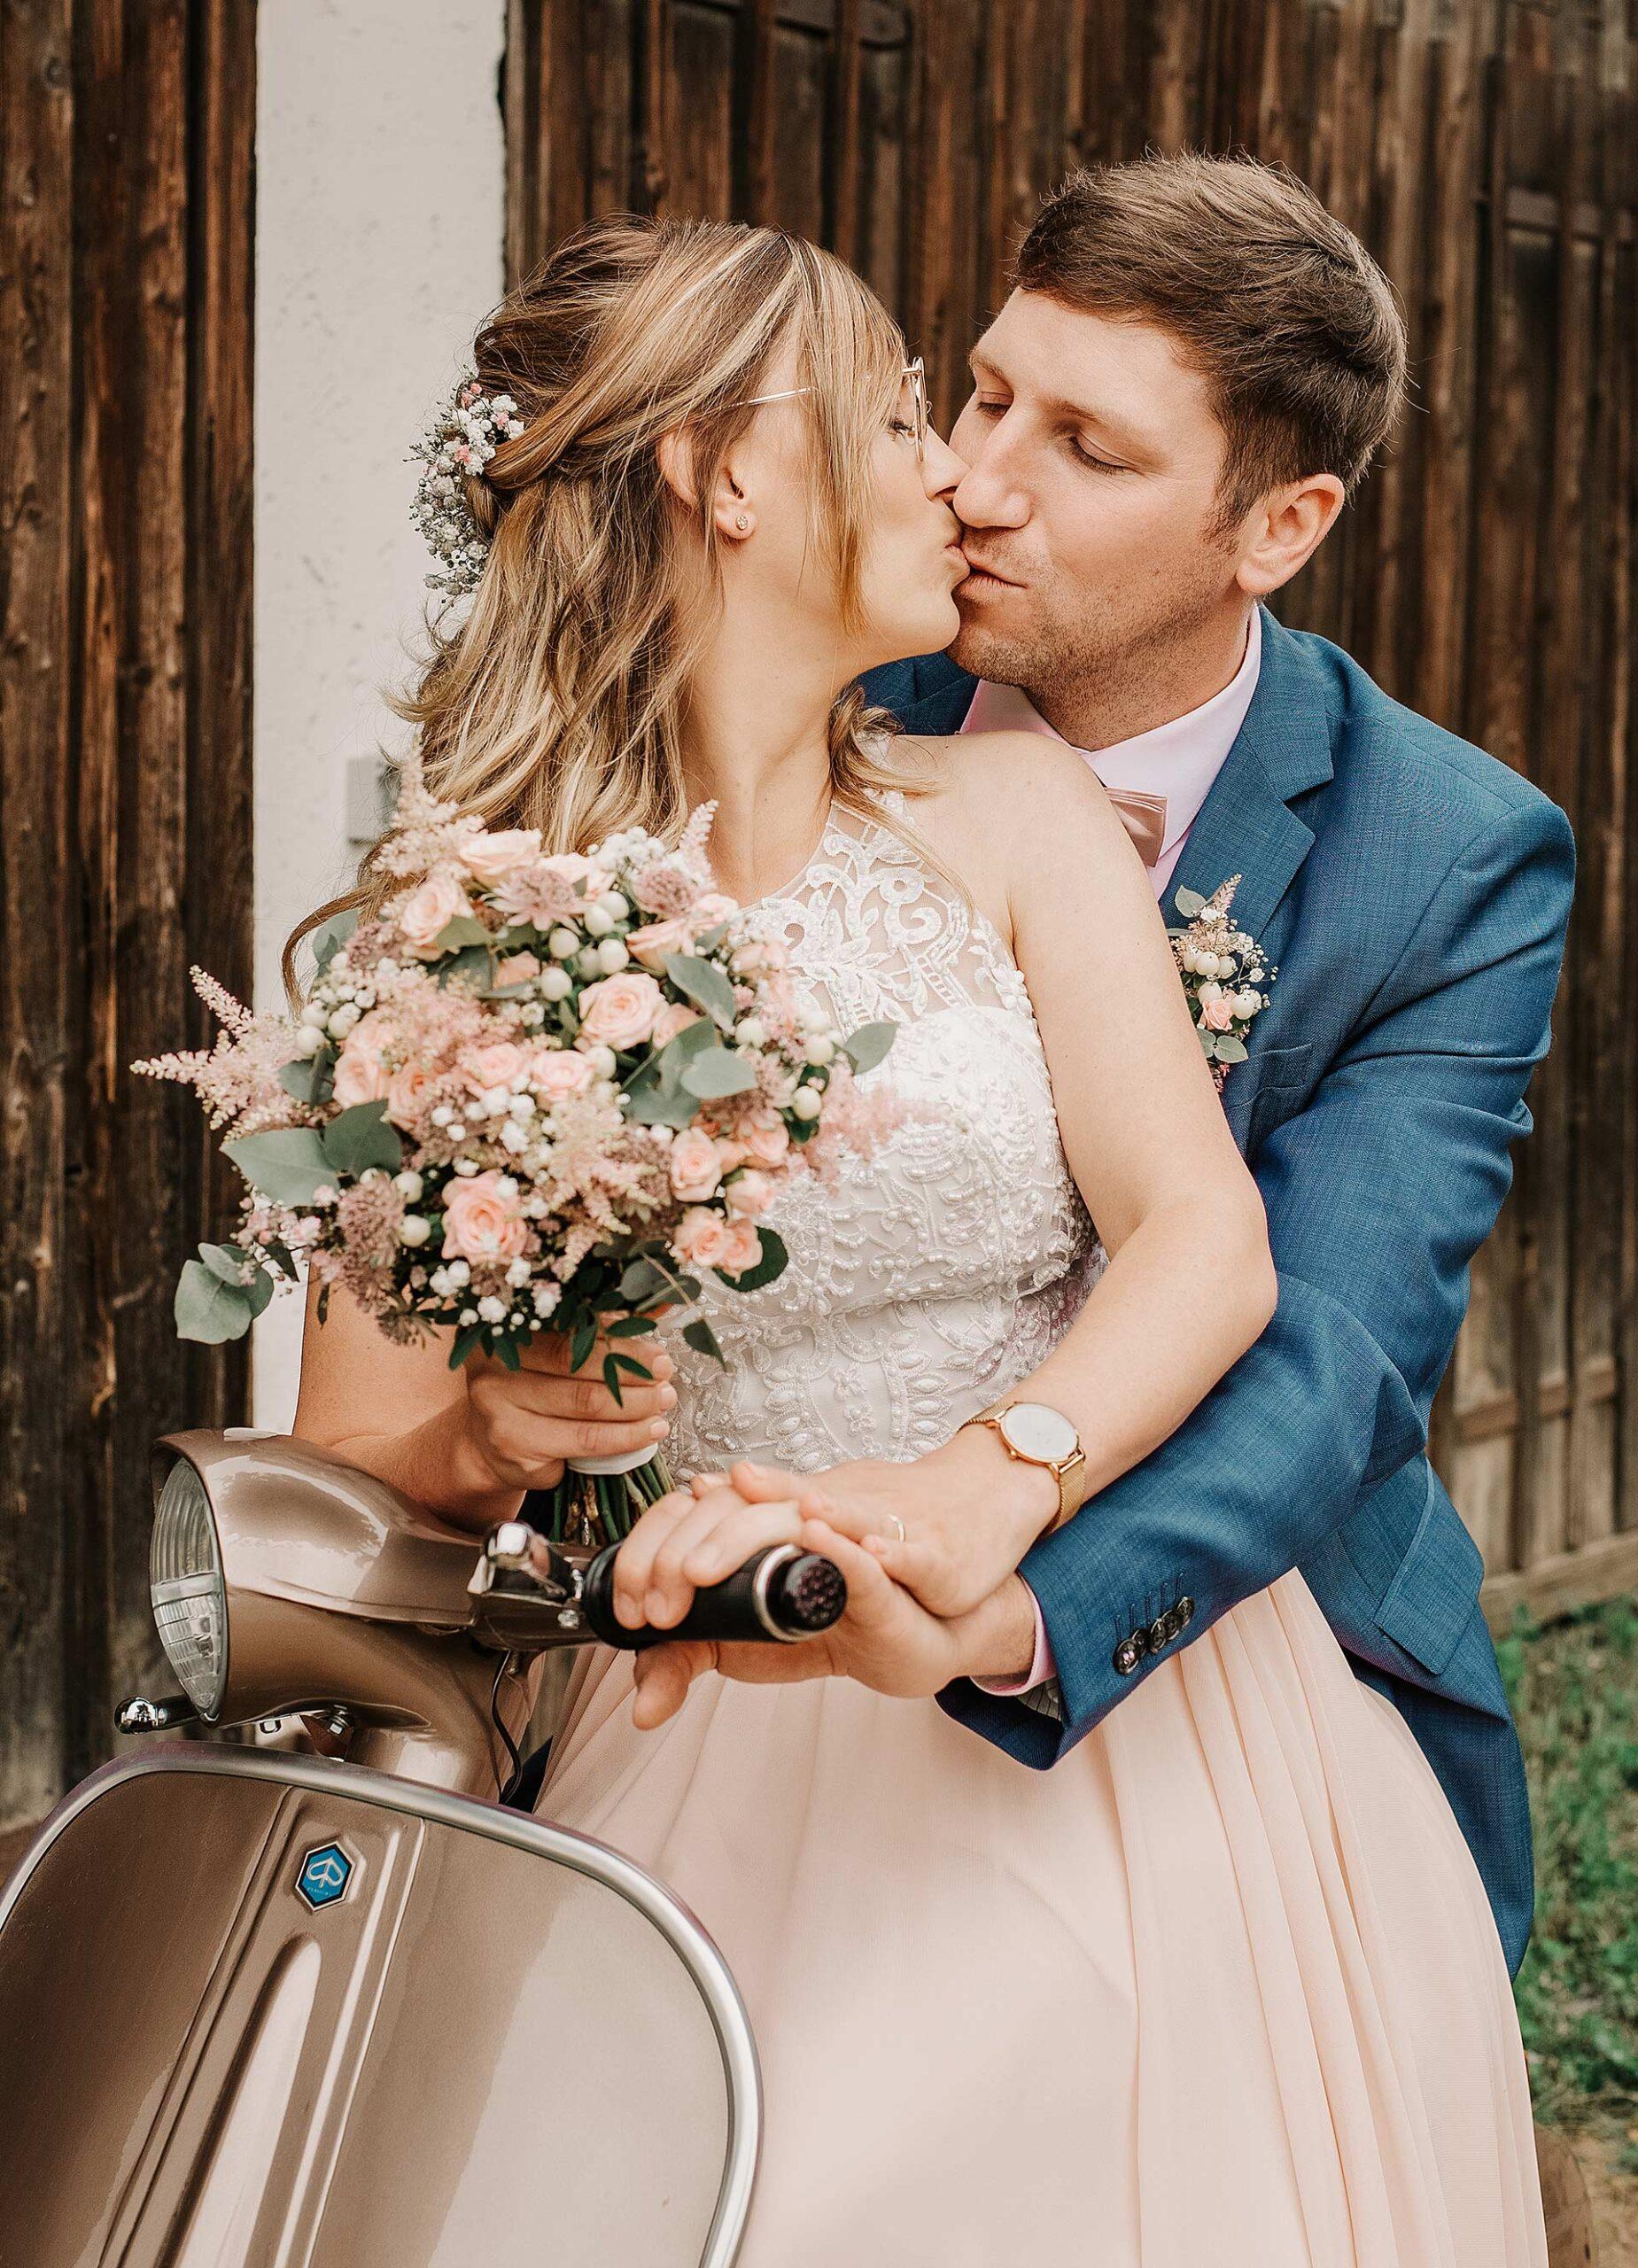 BrautpaarshootingVintageHochzeitsreportageHochzeitsfotografinRegen scaled - Hochzeitsreportage